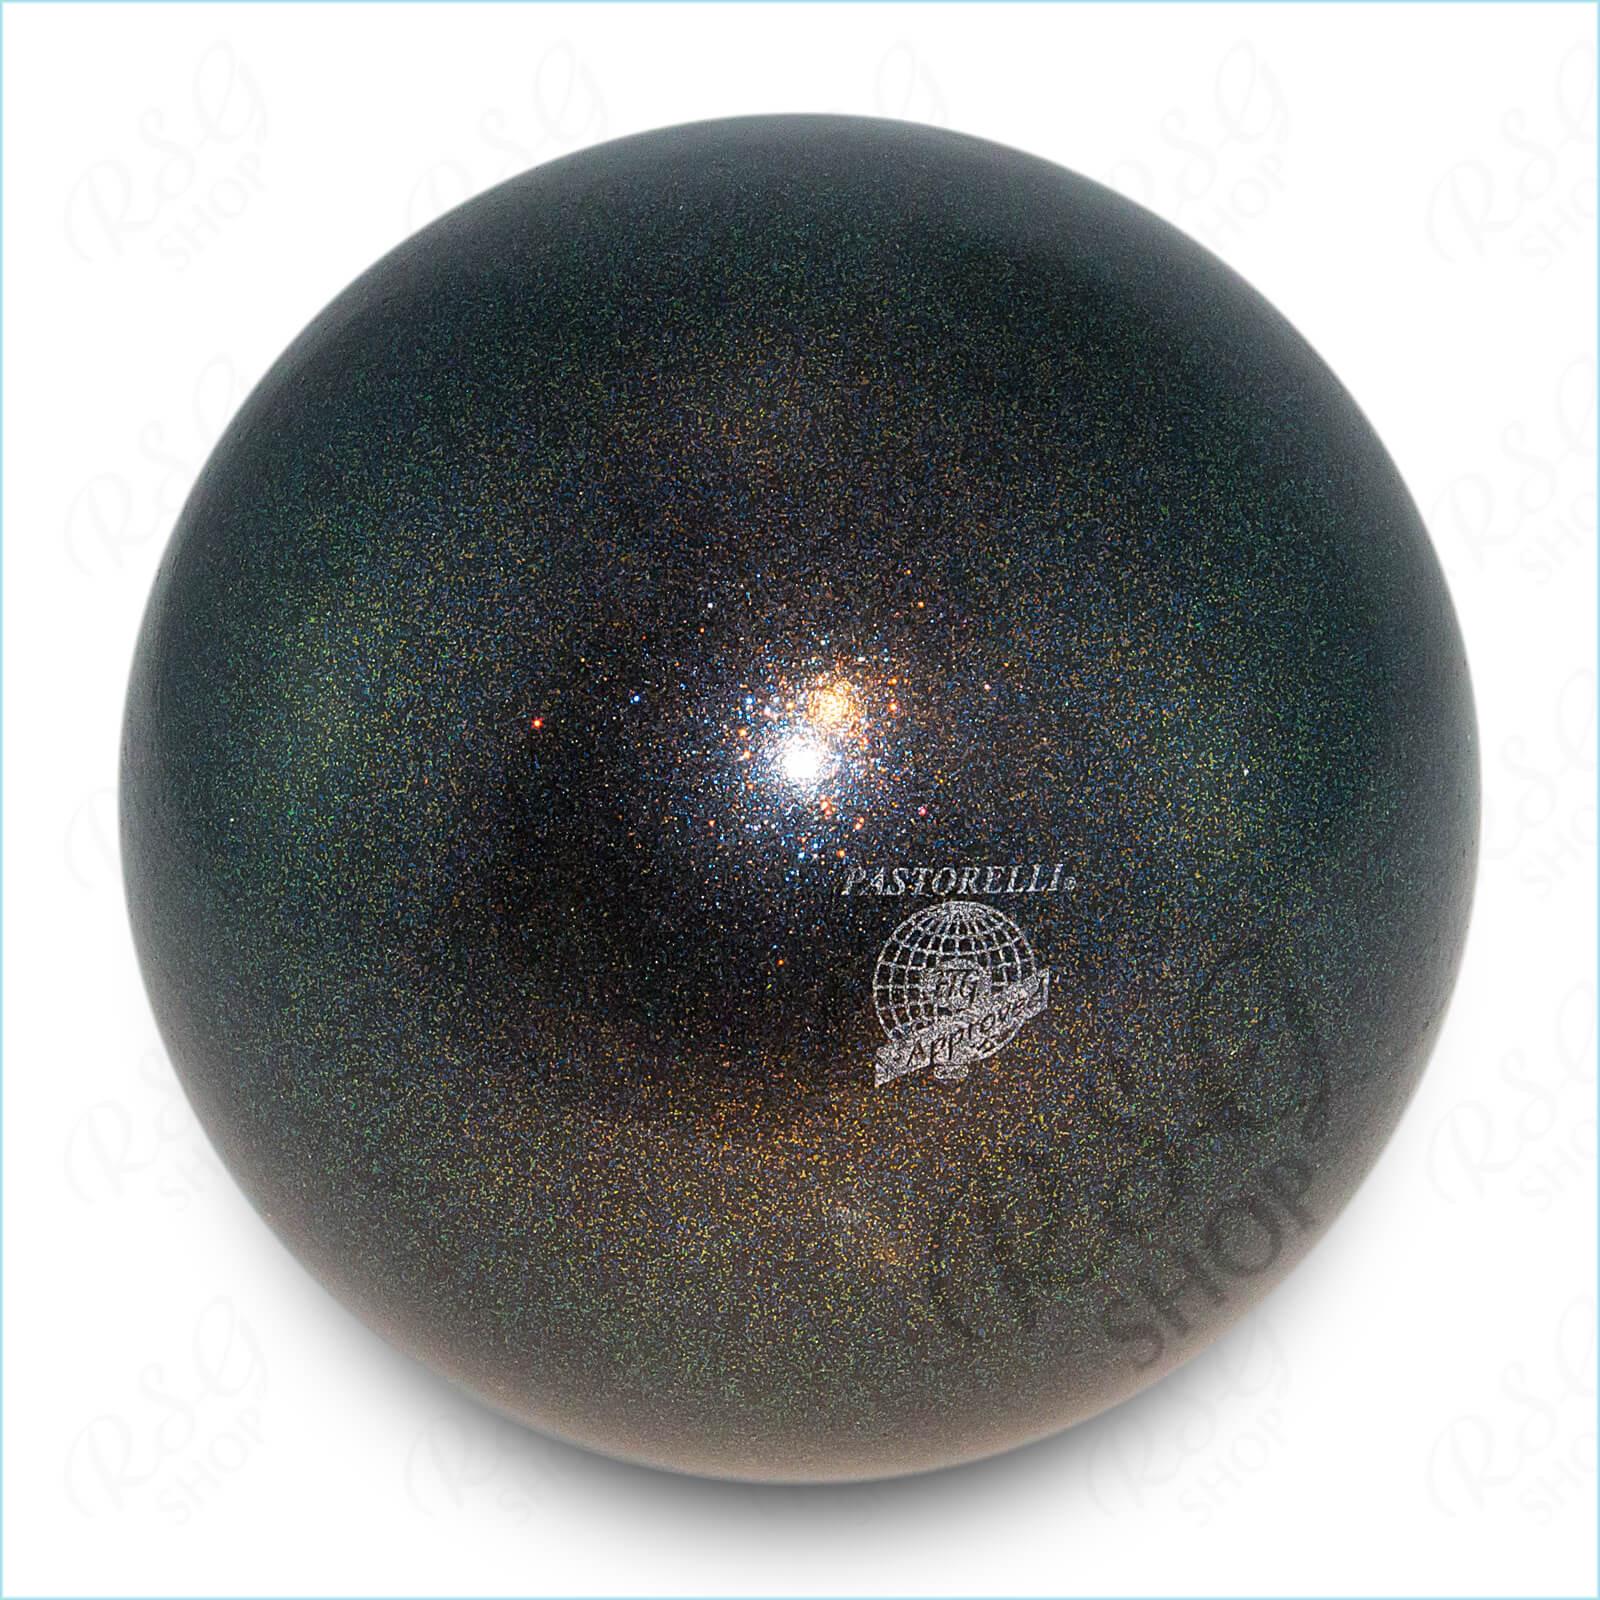 Мяч 18 см Pastorelli HV цвет Черный Артикул 02275